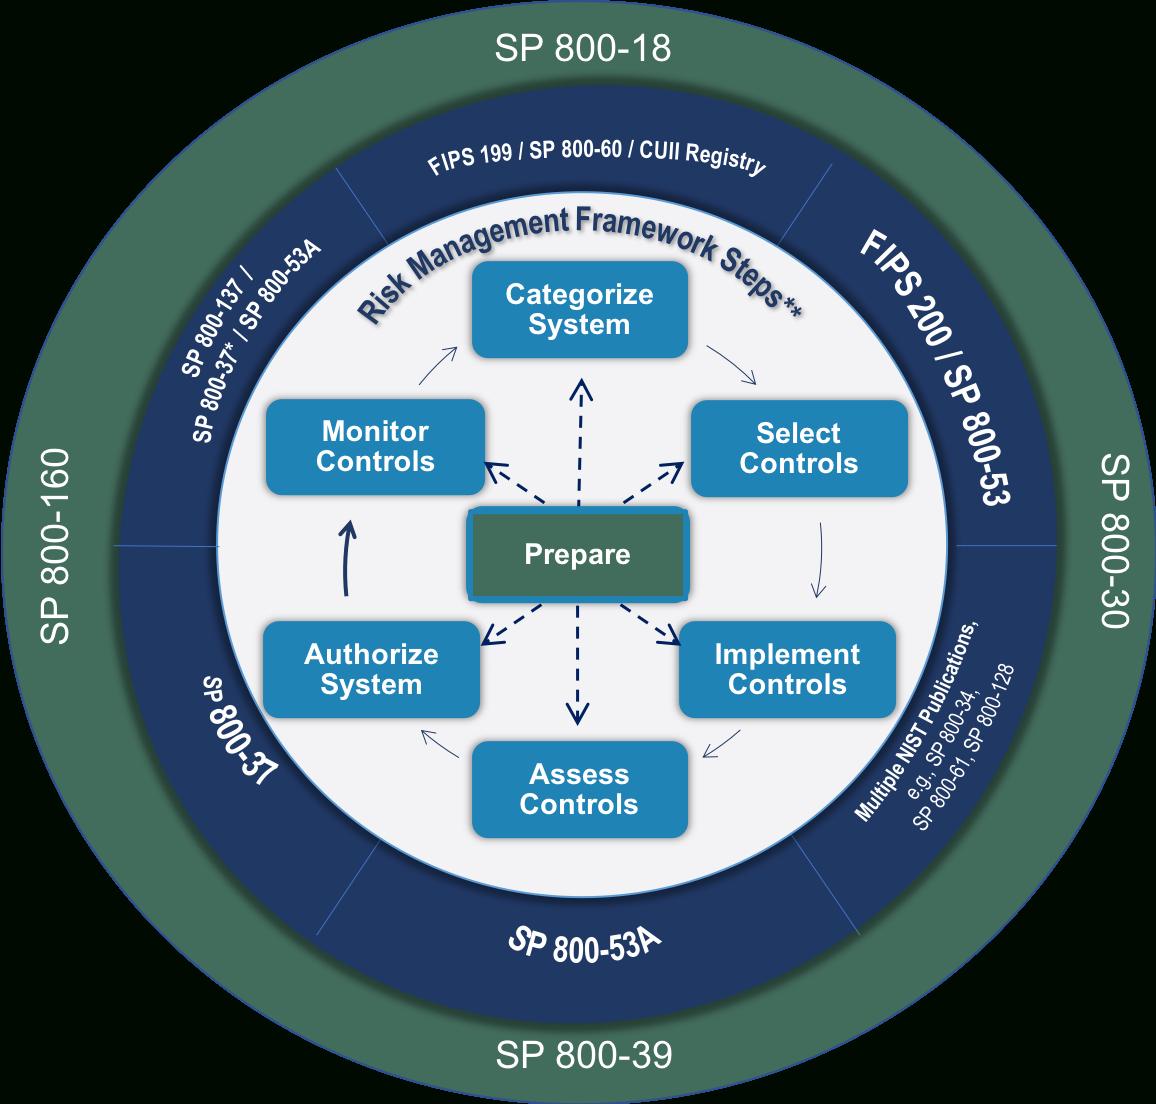 Fips 199 Spreadsheet Within Risk Management Framework Rmf